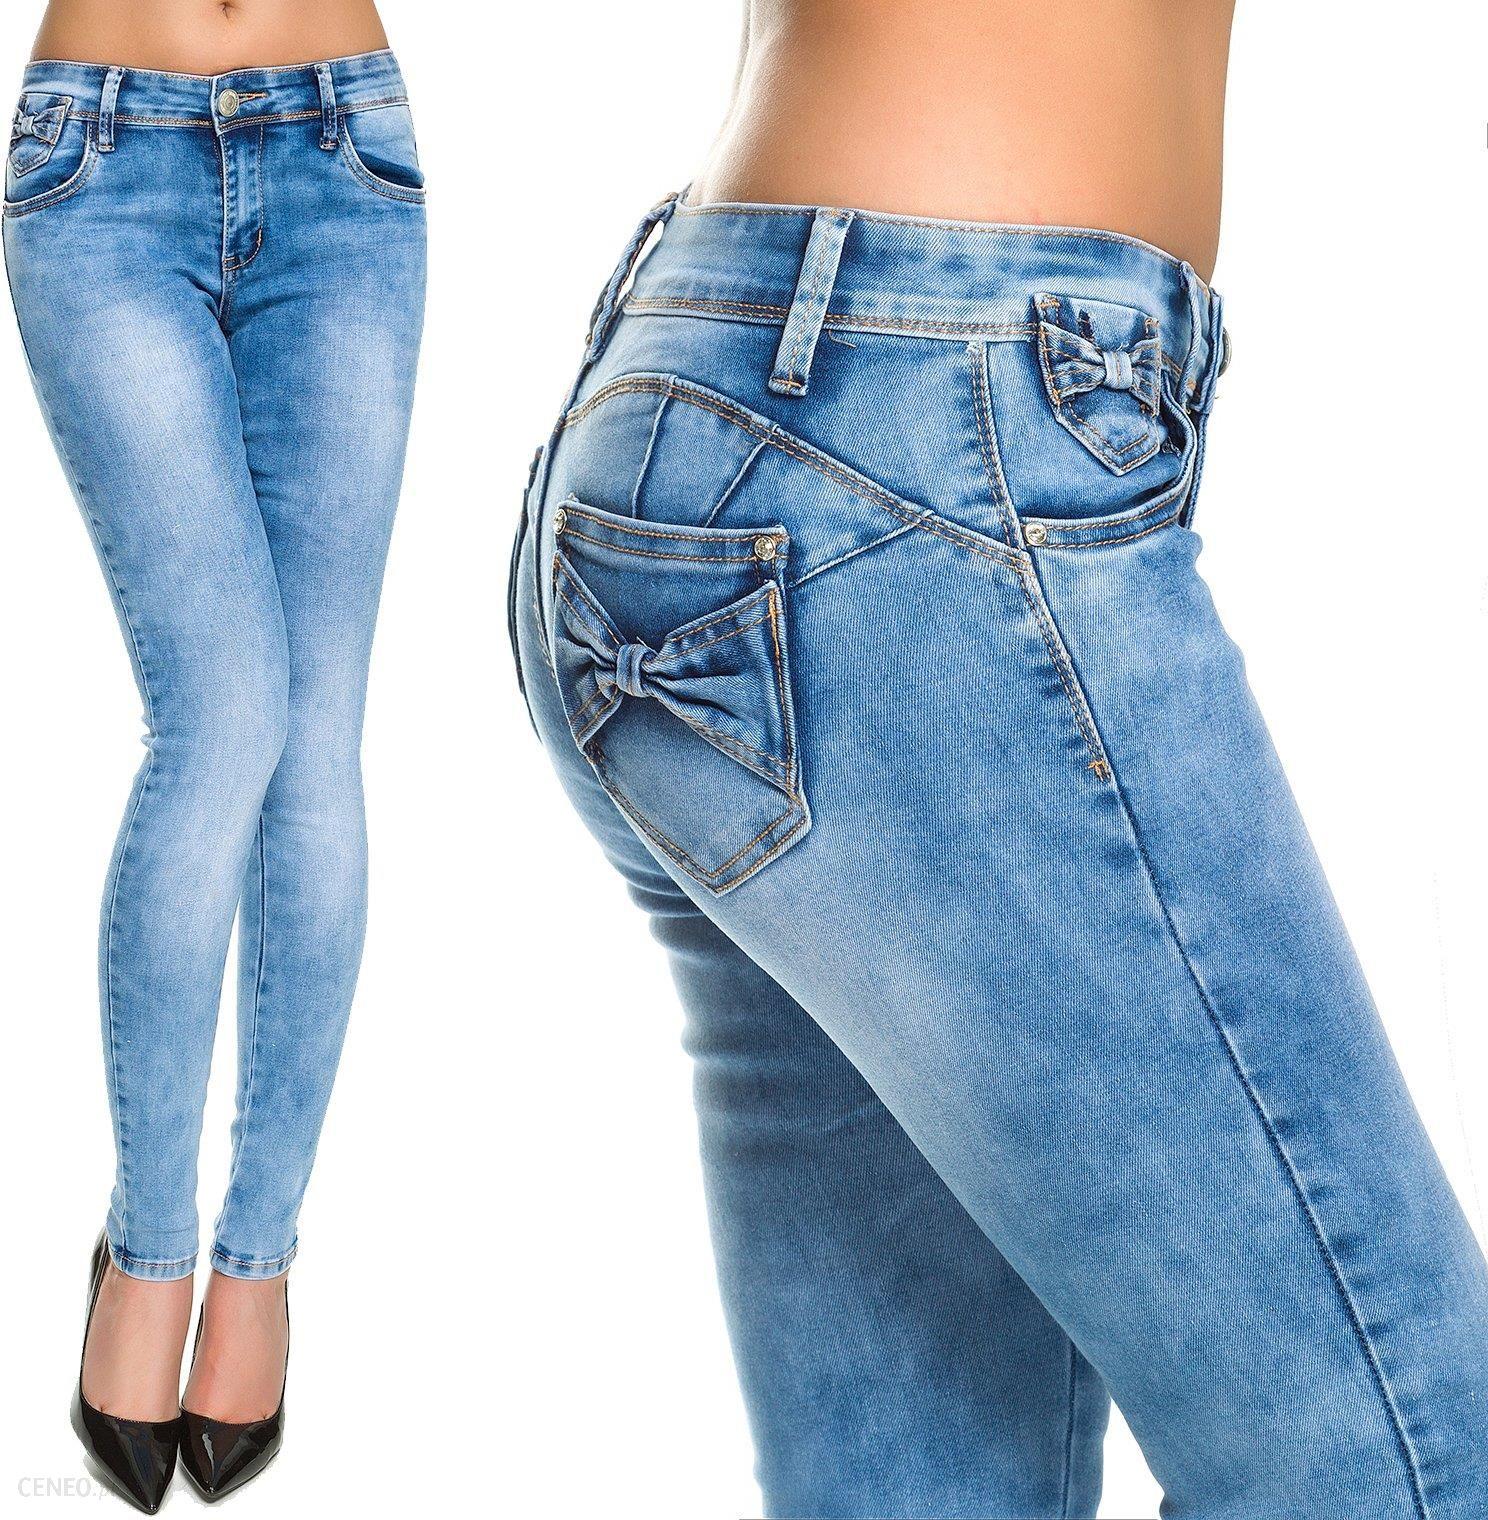 Z Push 240 I xs spodnie Jeansy Kokardkami roz Ceny Opinie Up w1ASHxAYq